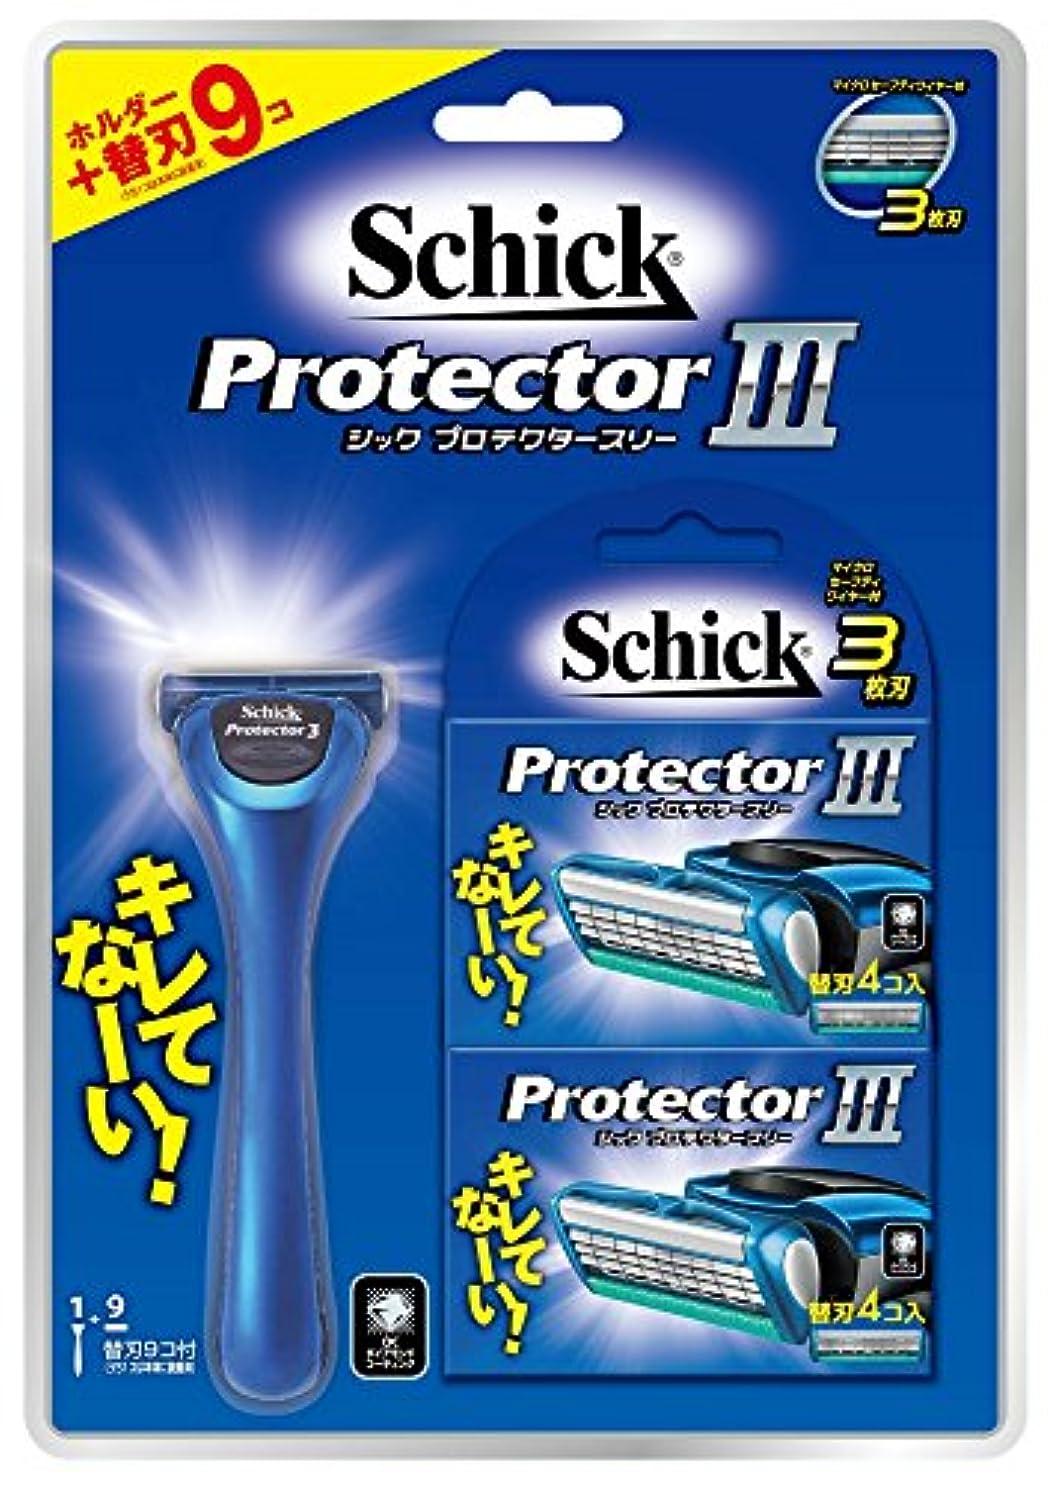 ペンダント保全魅力大容量 シックSchick 3枚刃プロテクタースリー 替刃9コ付バリューパック ホルダー本体付 男性カミソリ